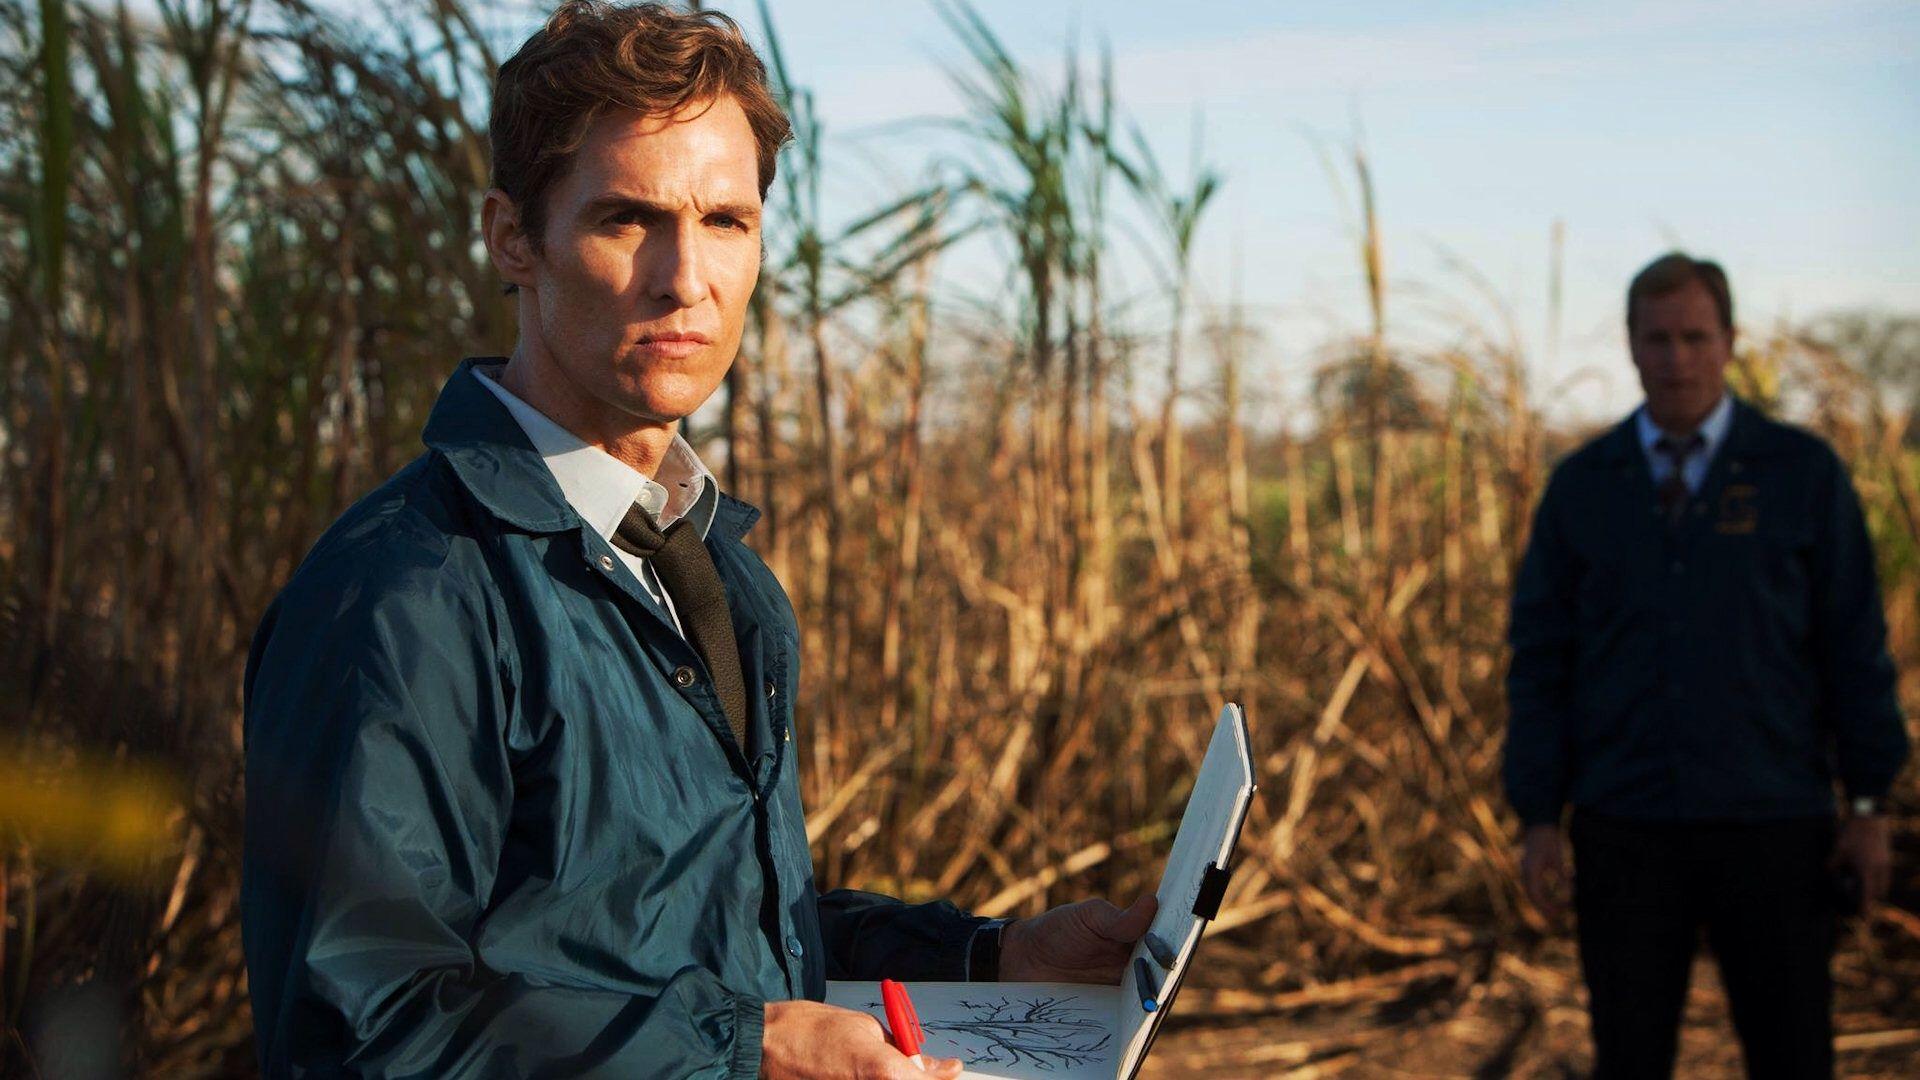 Le Detective Et Son Celebre Carnet Vraie Detective True Detective Saison 1 Matthew Mcconaughey